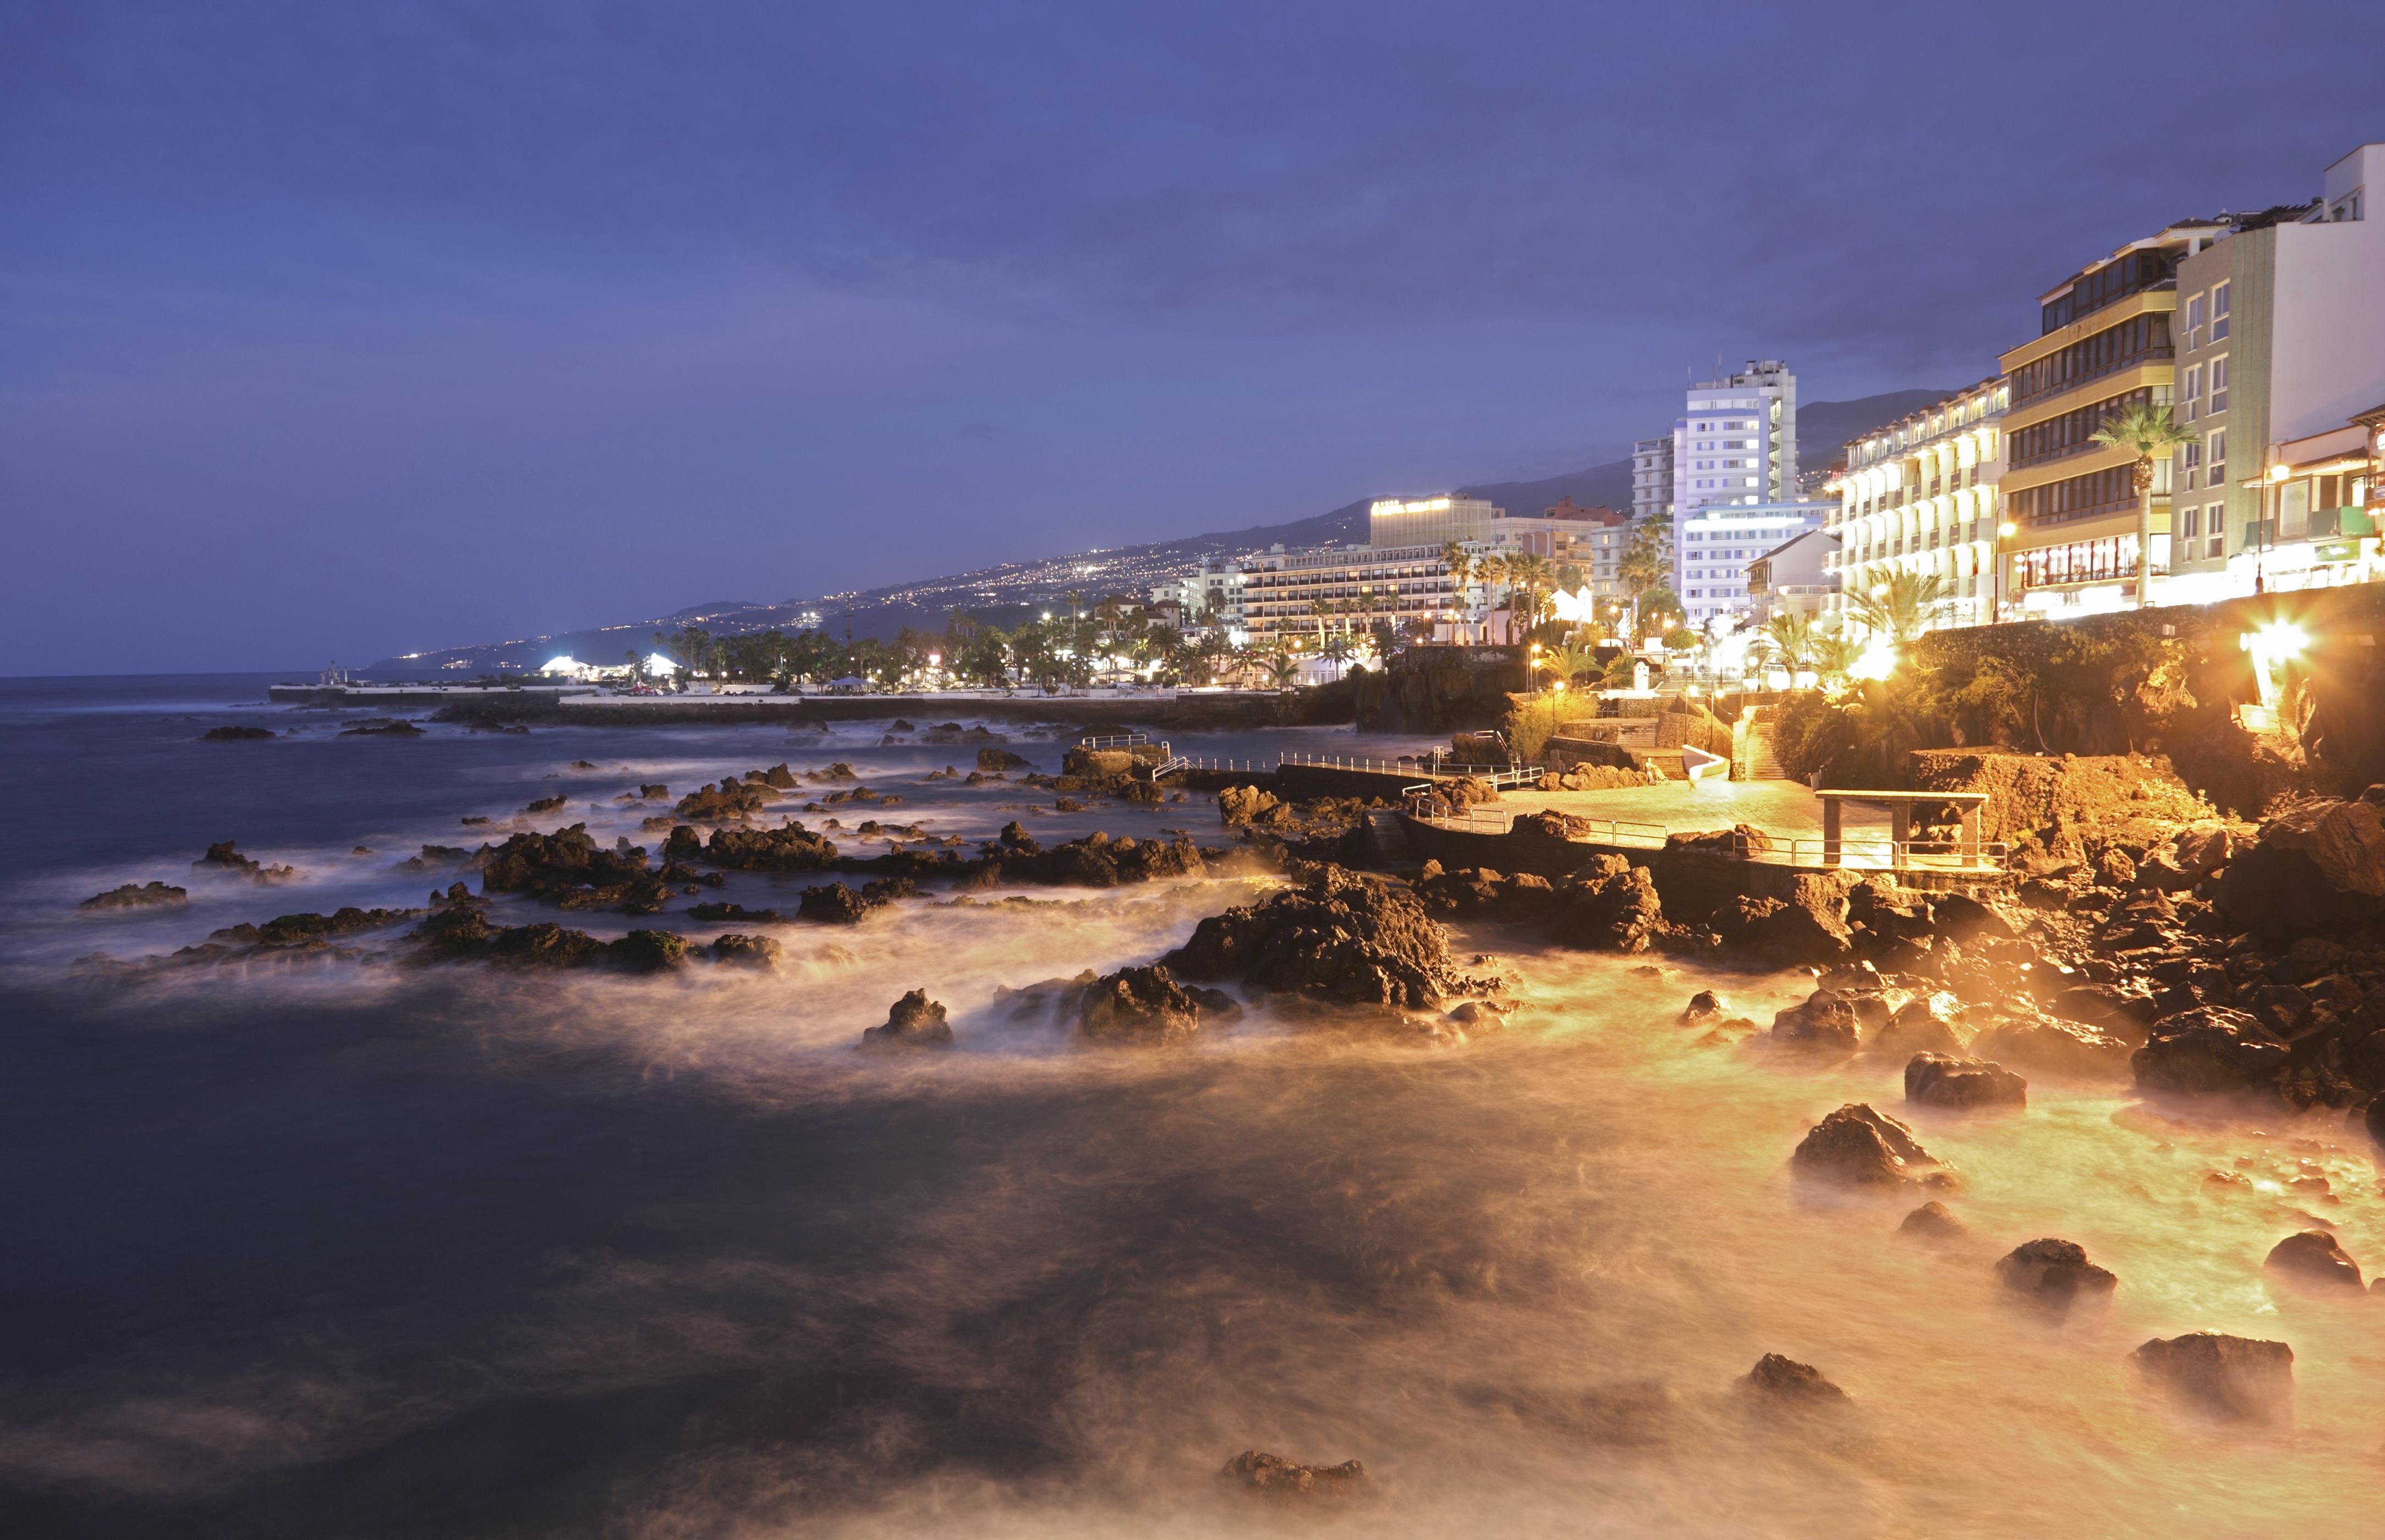 Spend a day in Tenerife's Pueto de la Cruz